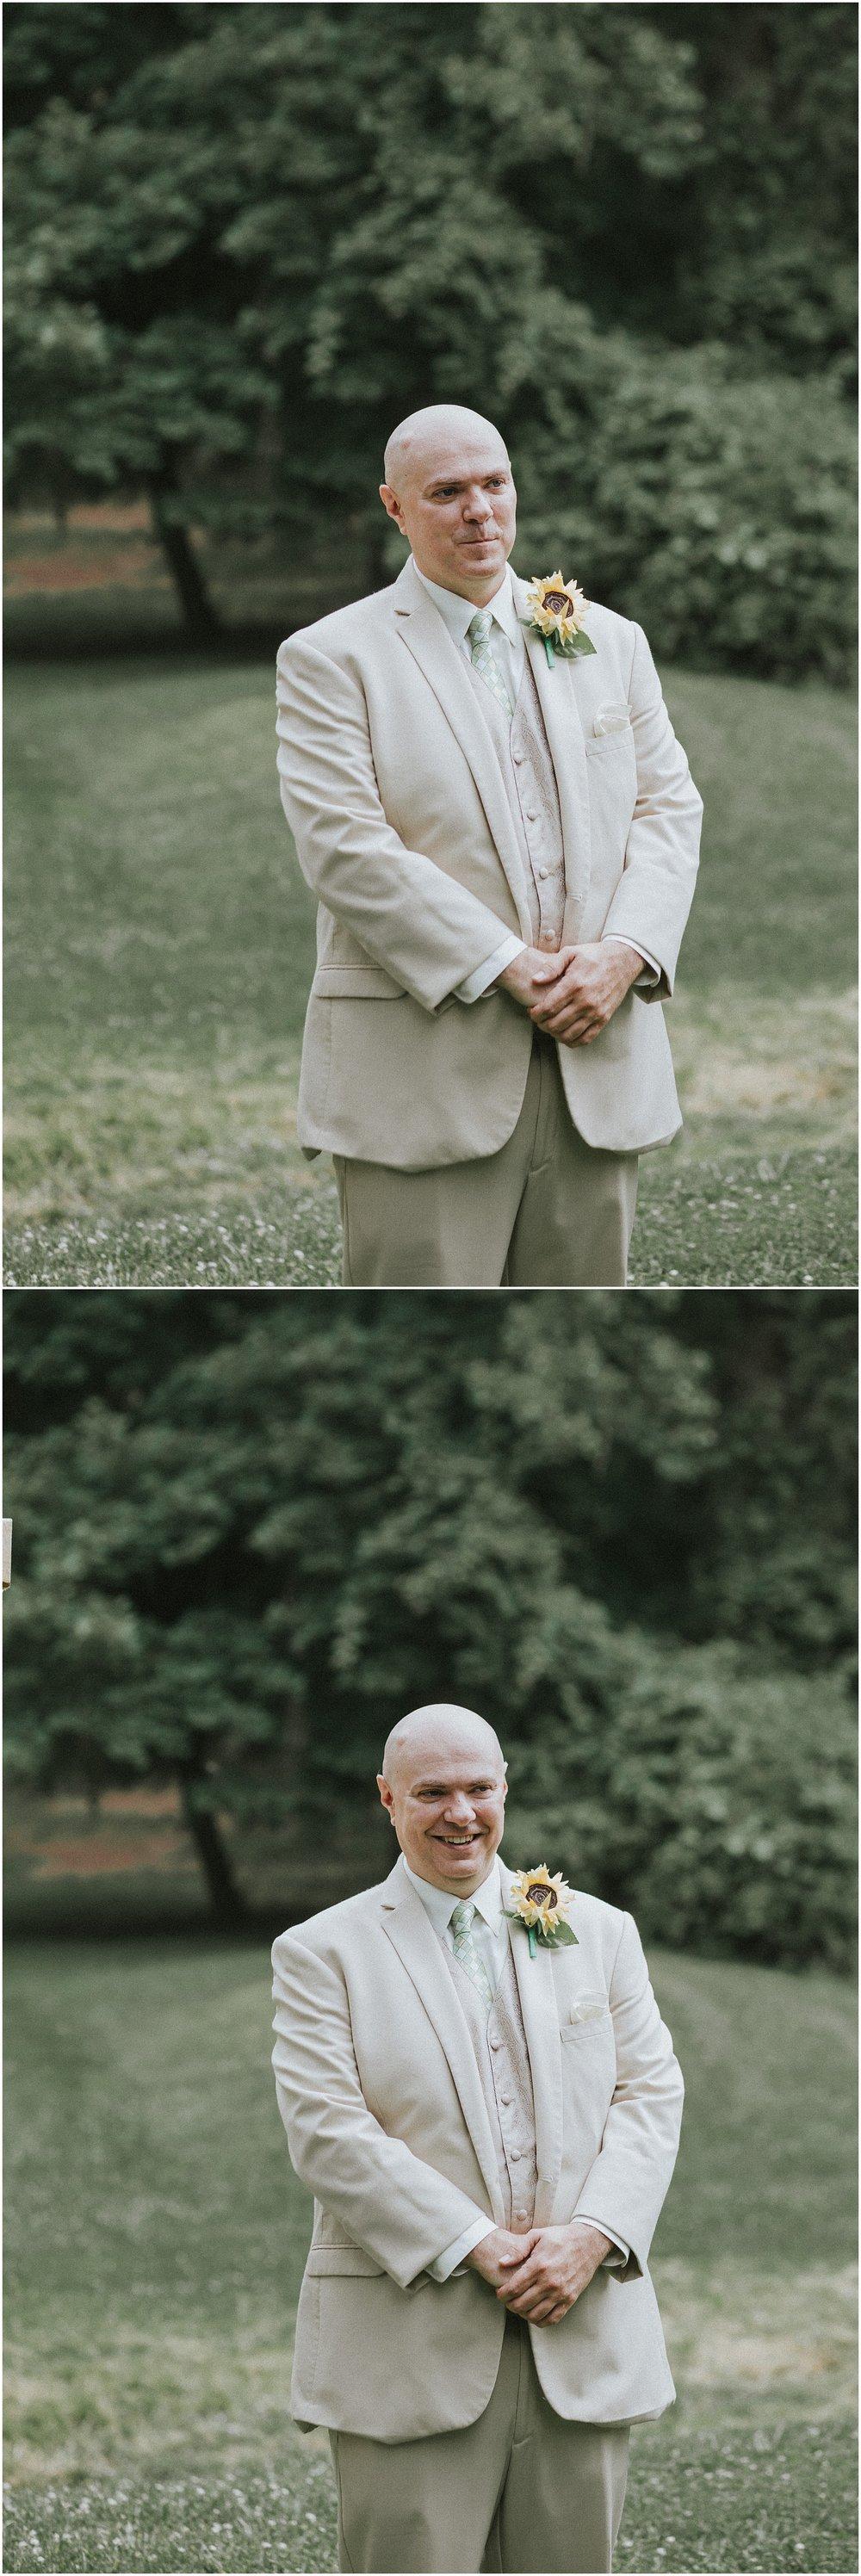 Reading-Pennsylvania-Outdoor-Wedding-DIY-Bride-Groom-Dancing-Laughter-Reception (30).jpg